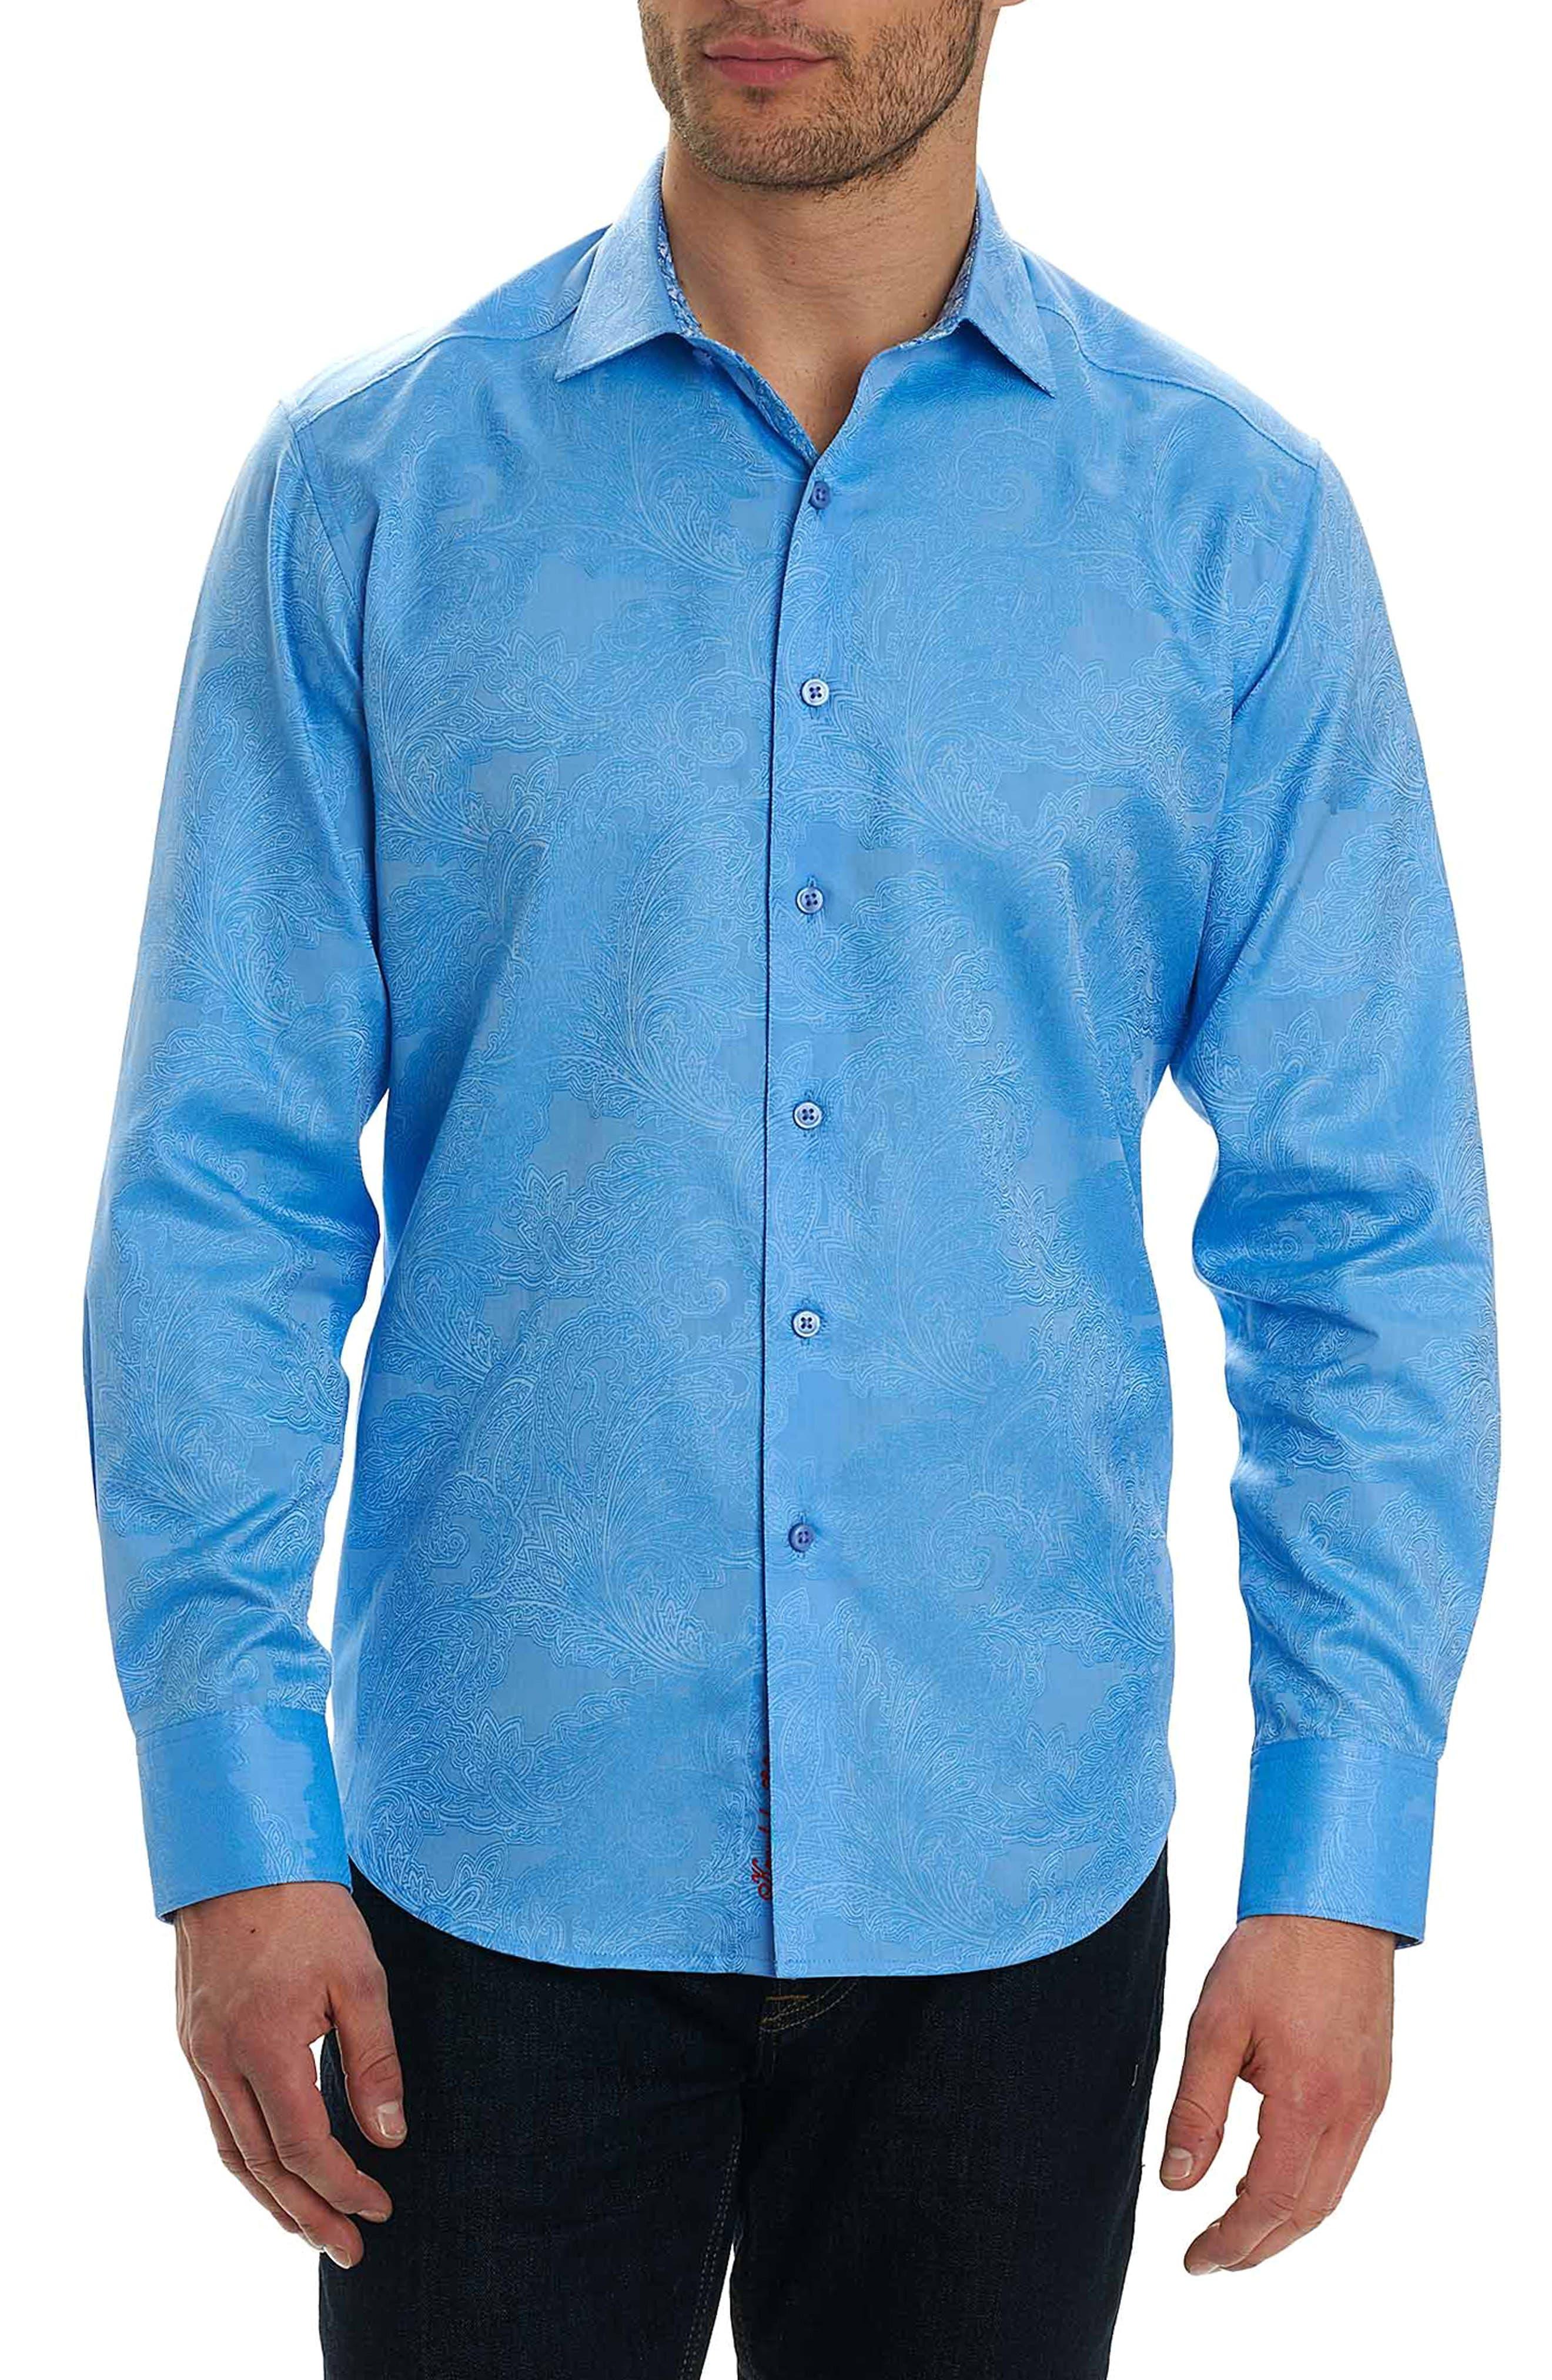 Rosendale Classic Fit Jacquard Sport Shirt,                             Main thumbnail 1, color,                             Light Blue